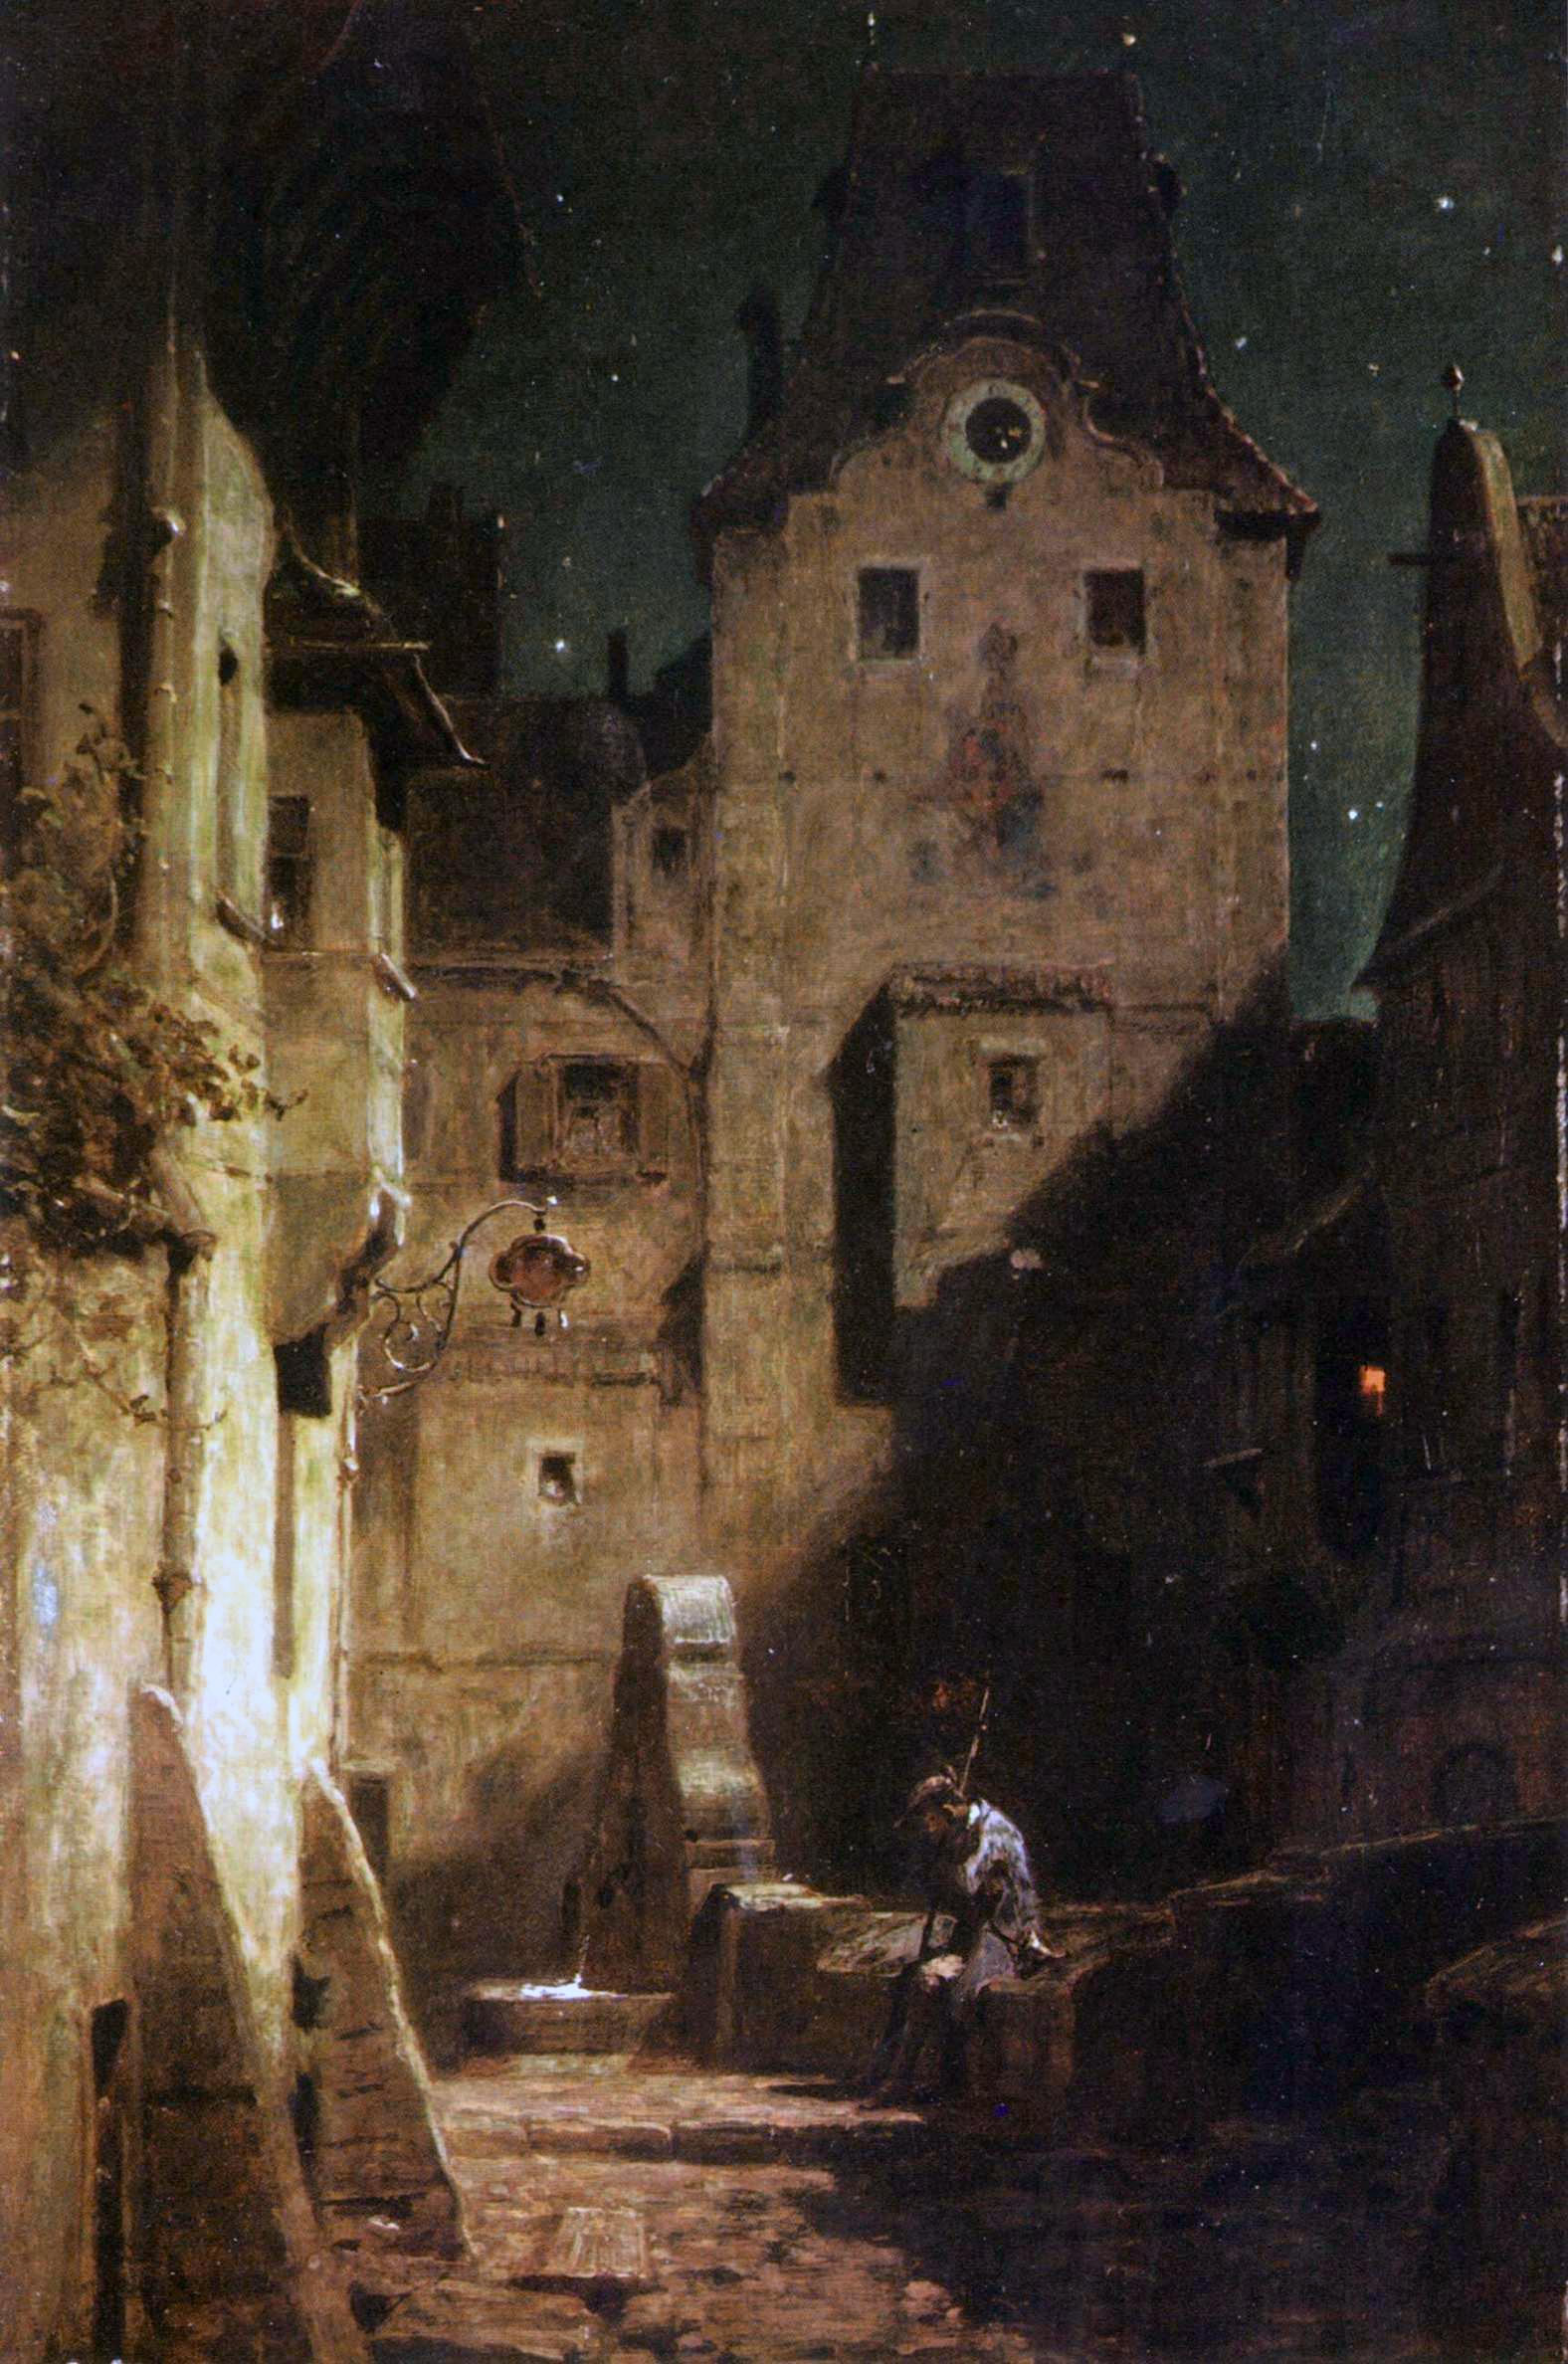 Der eingeschlafene Nachtwächter, Carl Spitzweg um 1875 (Quelle: Wikipedia)